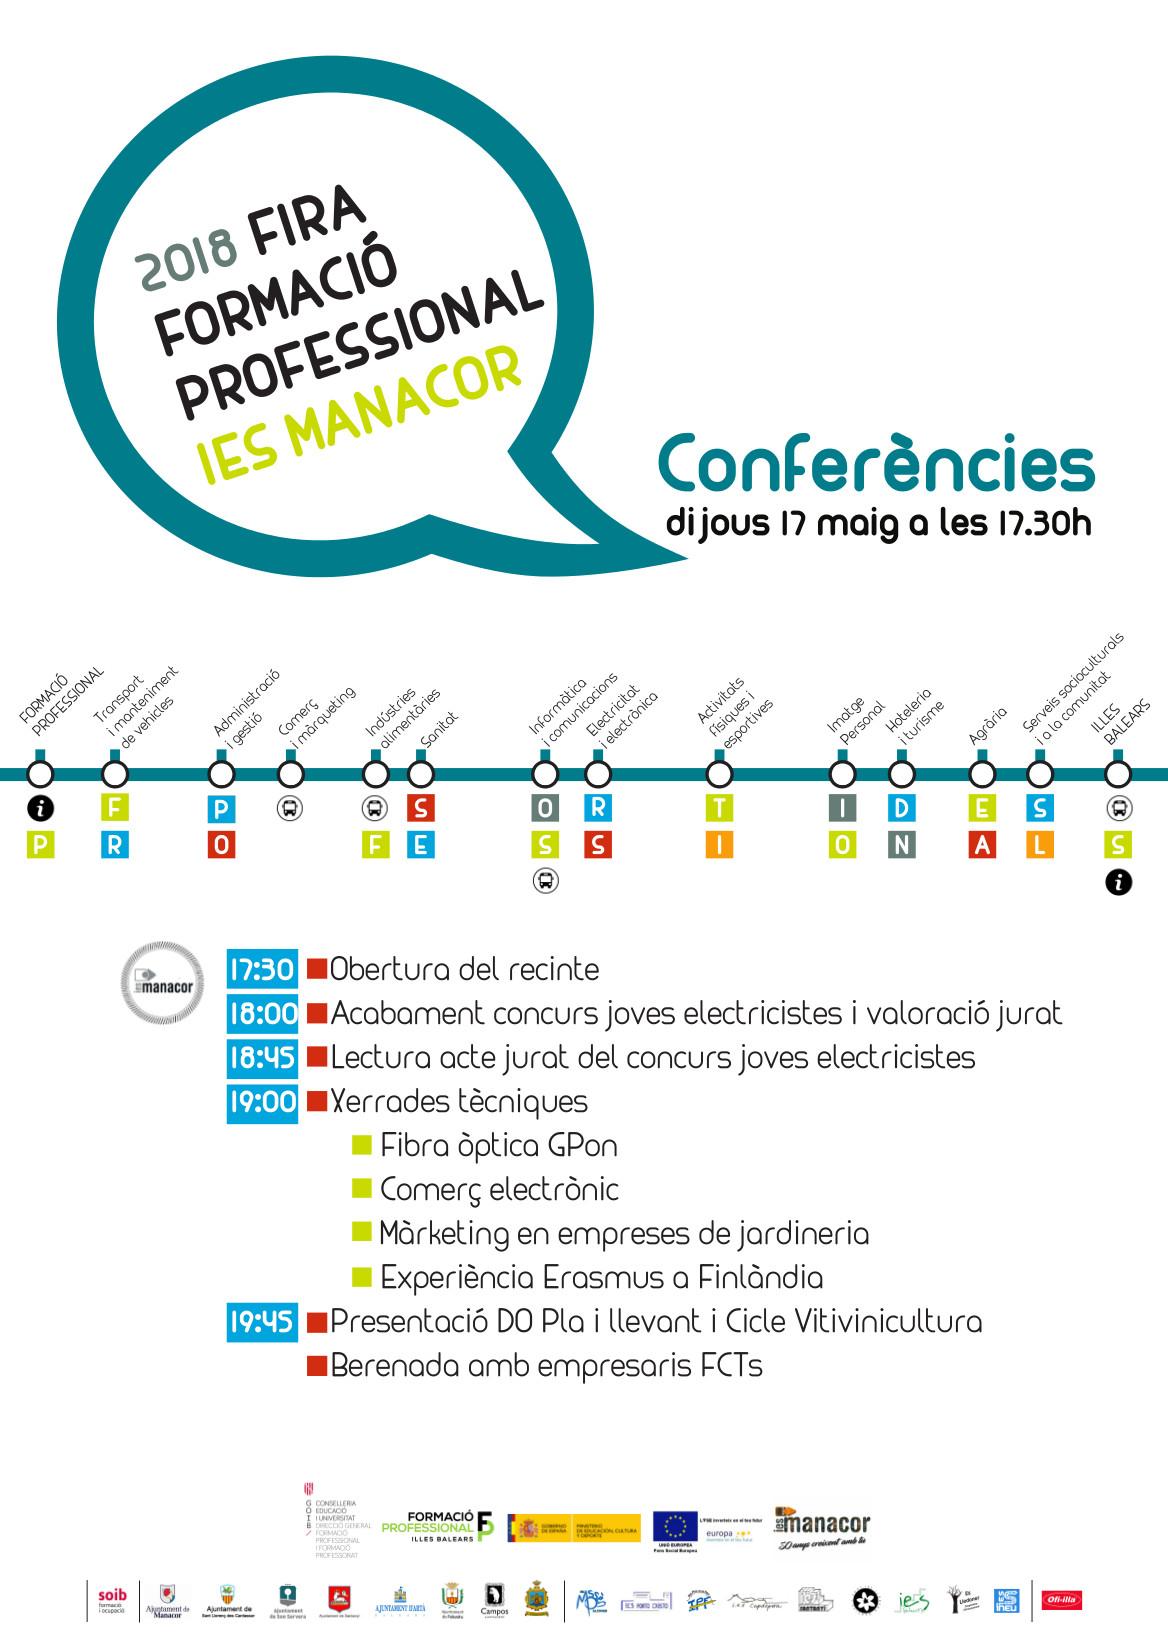 cartell conferències FP (2) (1)